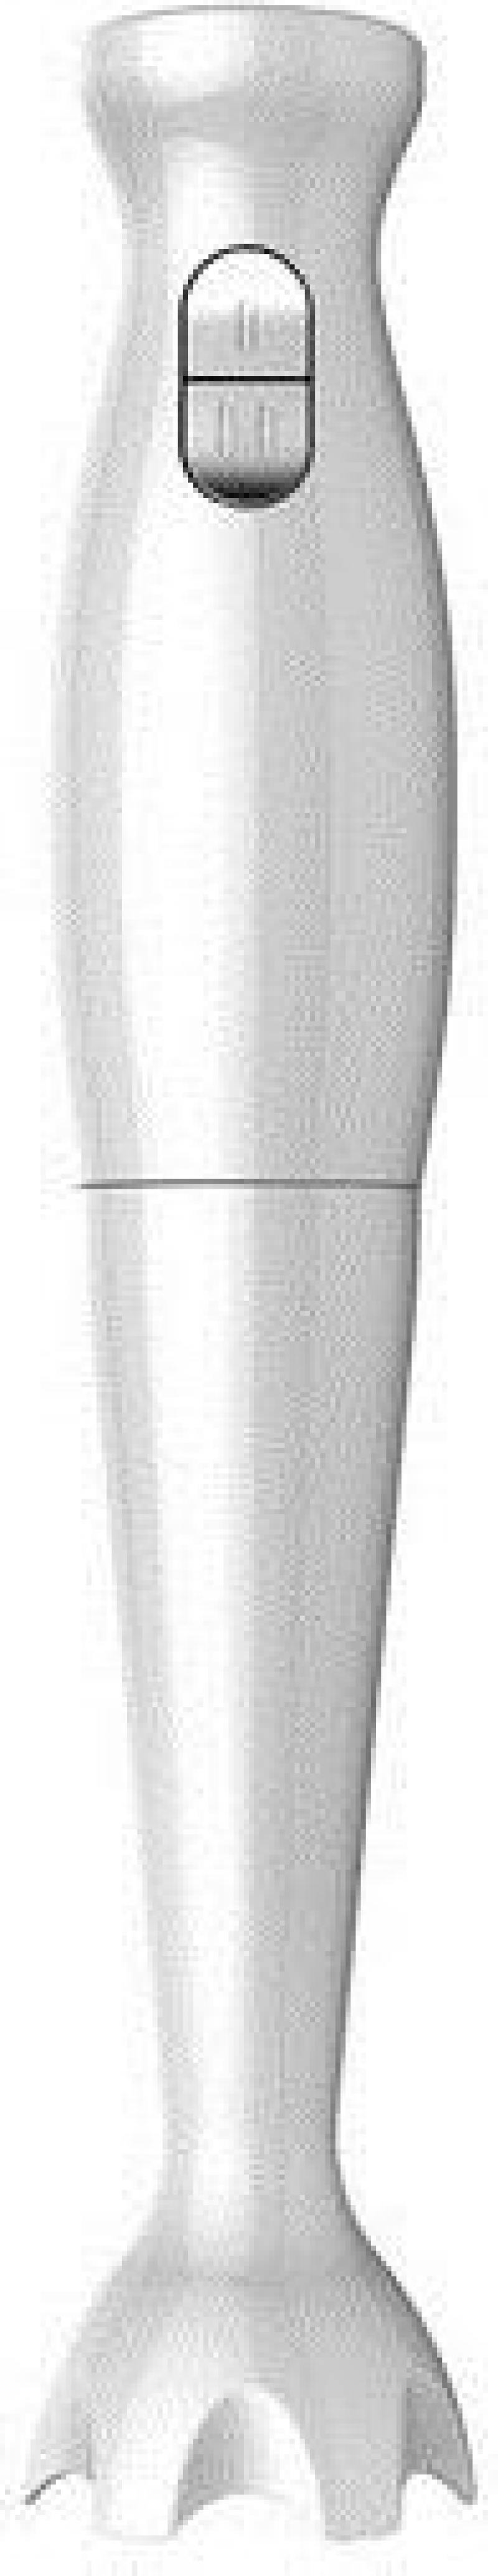 Блендер погружной Saturn ST-FP8063 300Вт белый